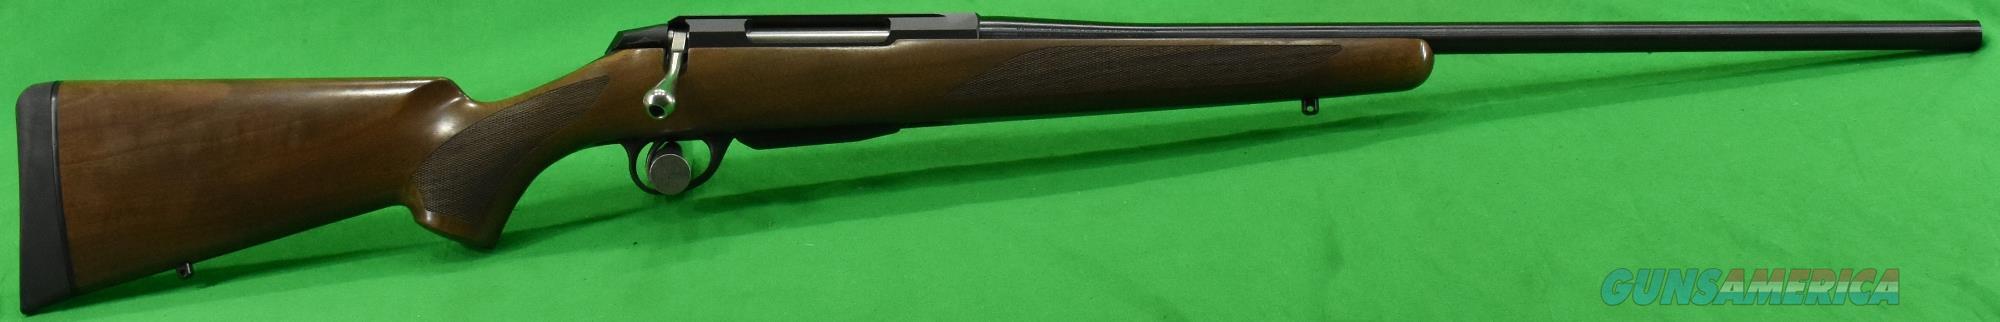 T3x Hunter 243Win 22.4In JRTXA315  Guns > Rifles > Tikka Rifles > T3